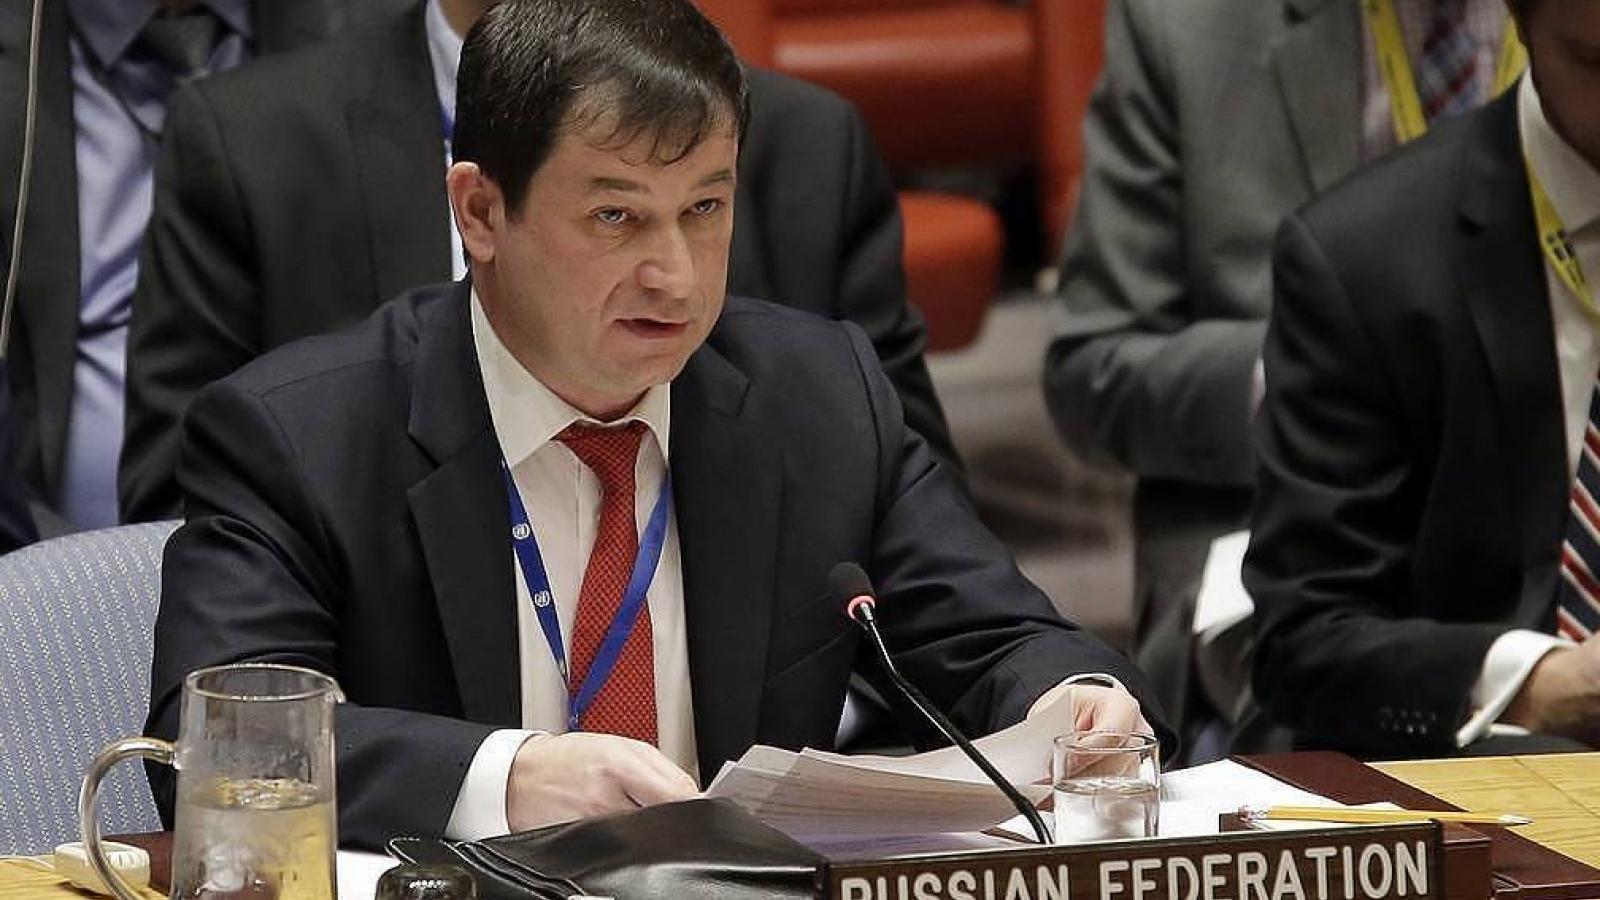 Nga đề xuất cuộc họp Nhóm Bộ tứ Trung Đông về tình hình Israel-Palestine